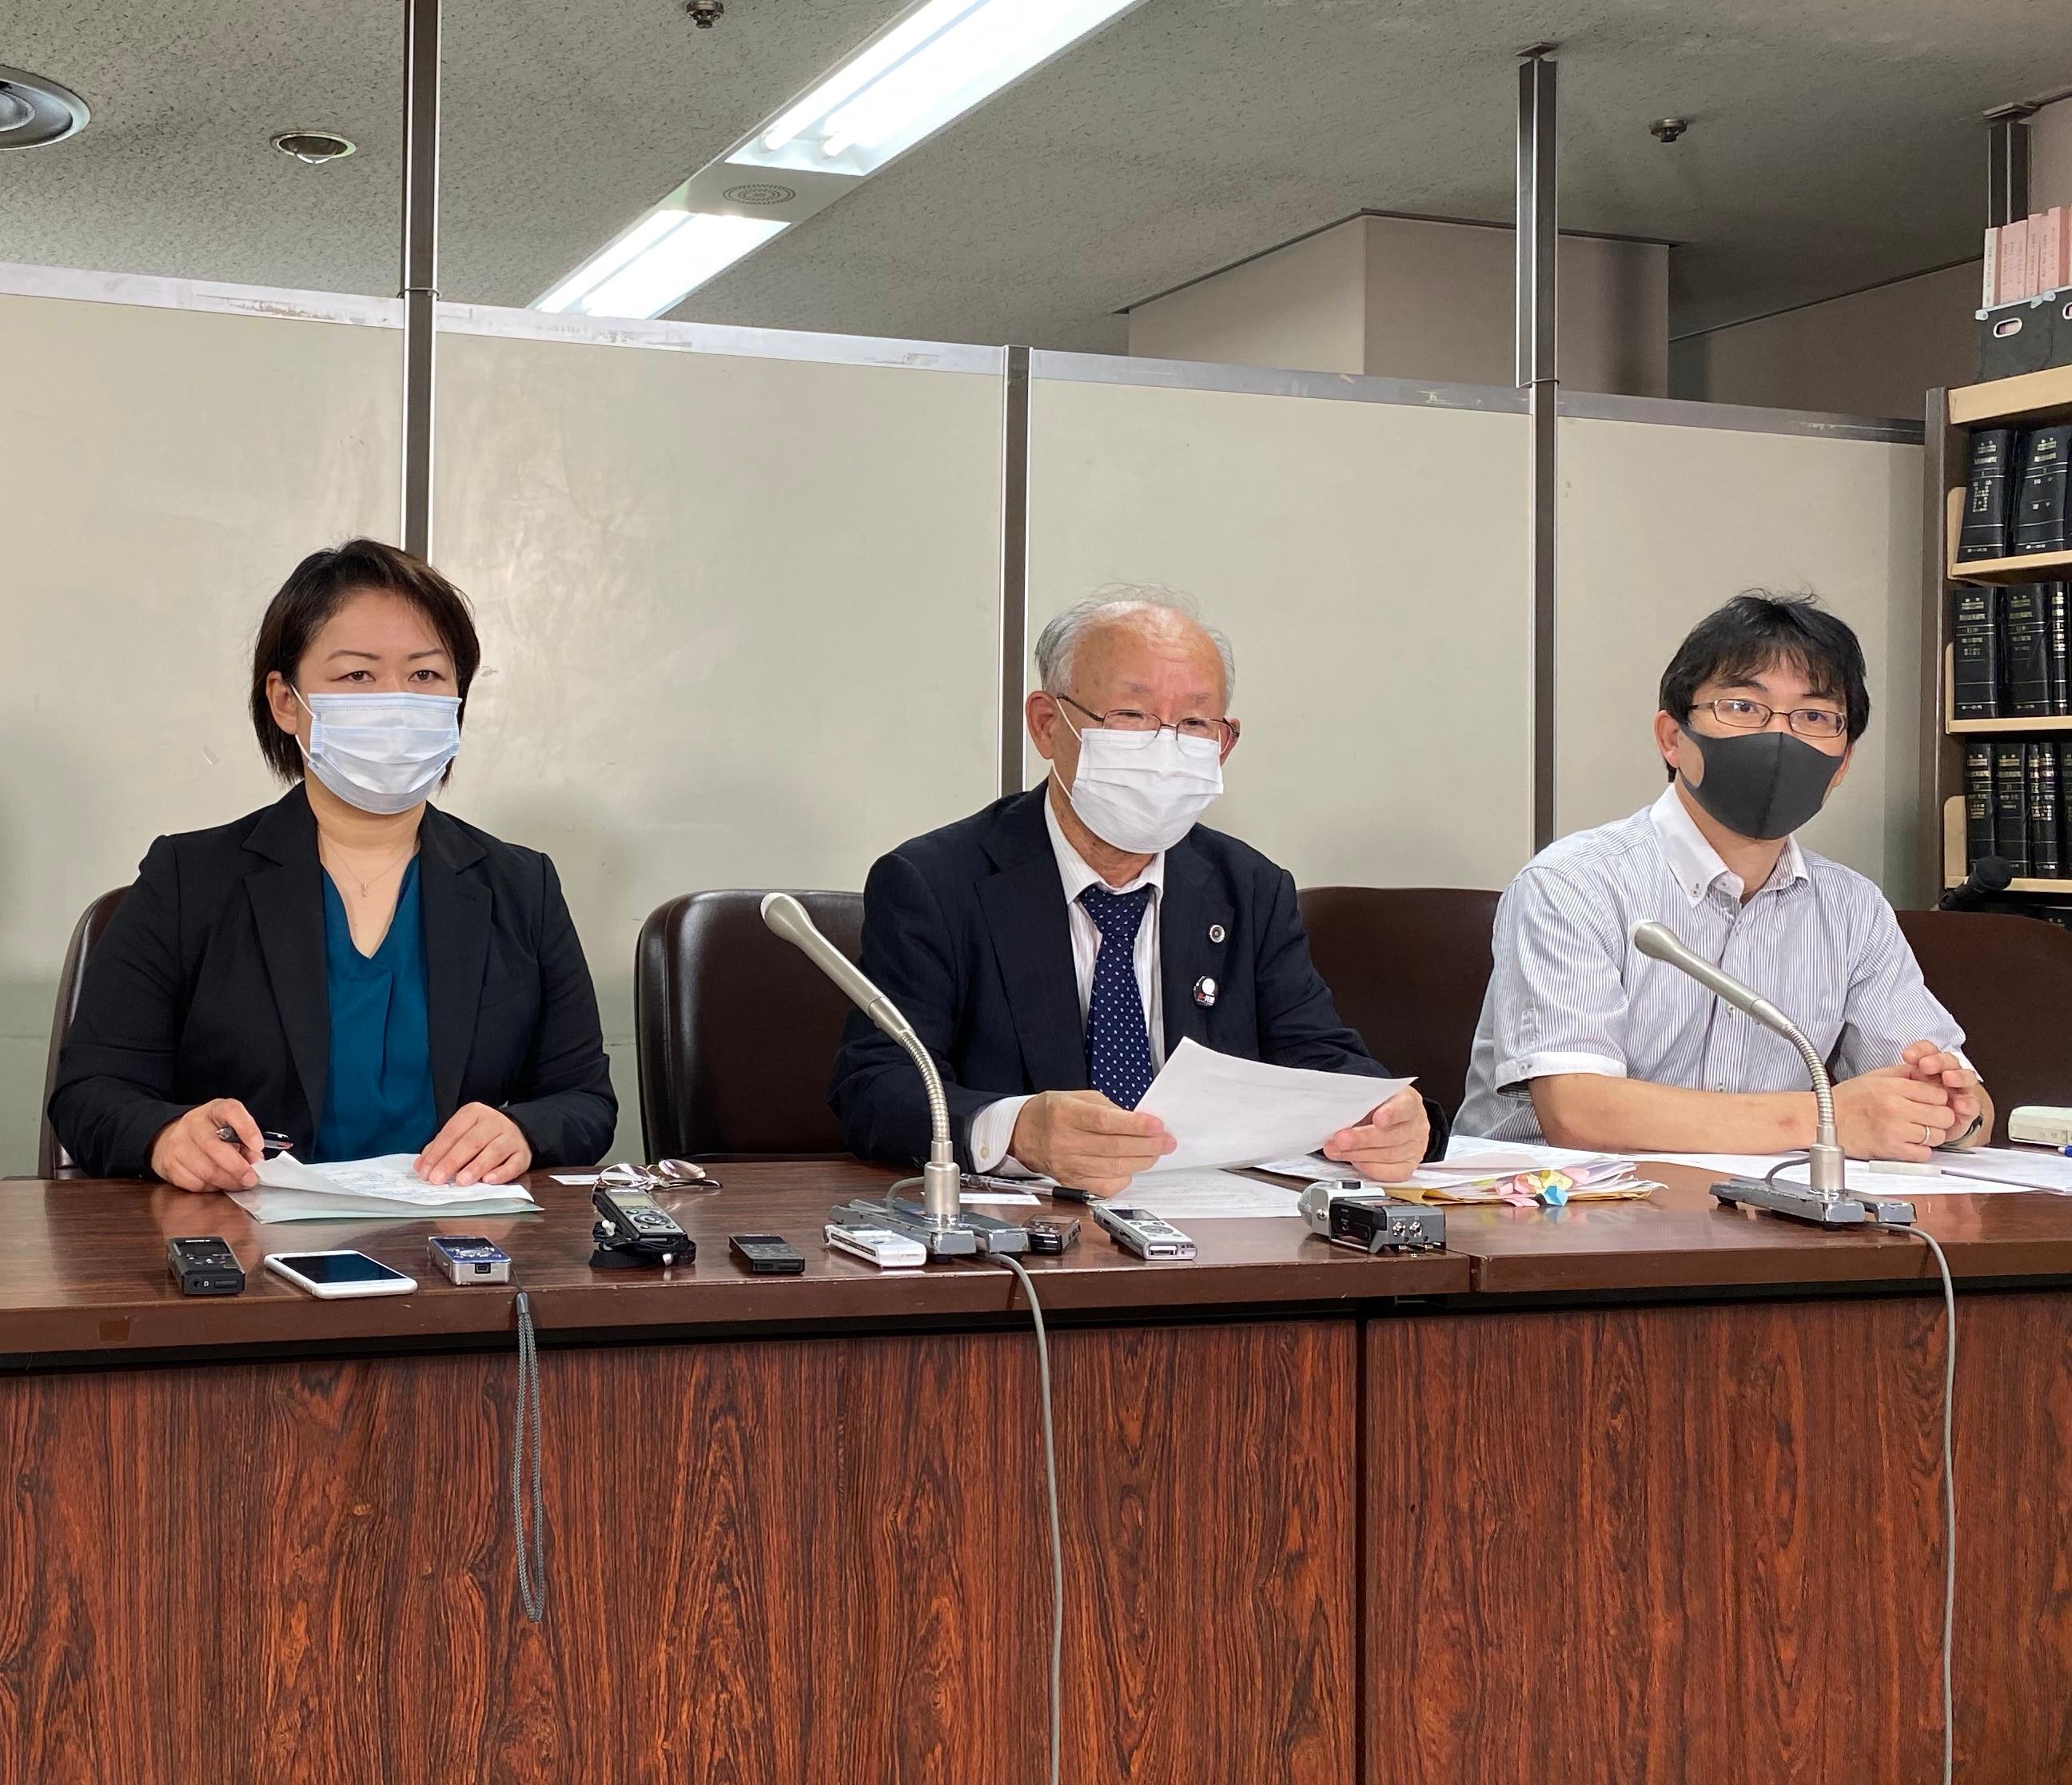 し あけぼの 自立 センター ば 研修